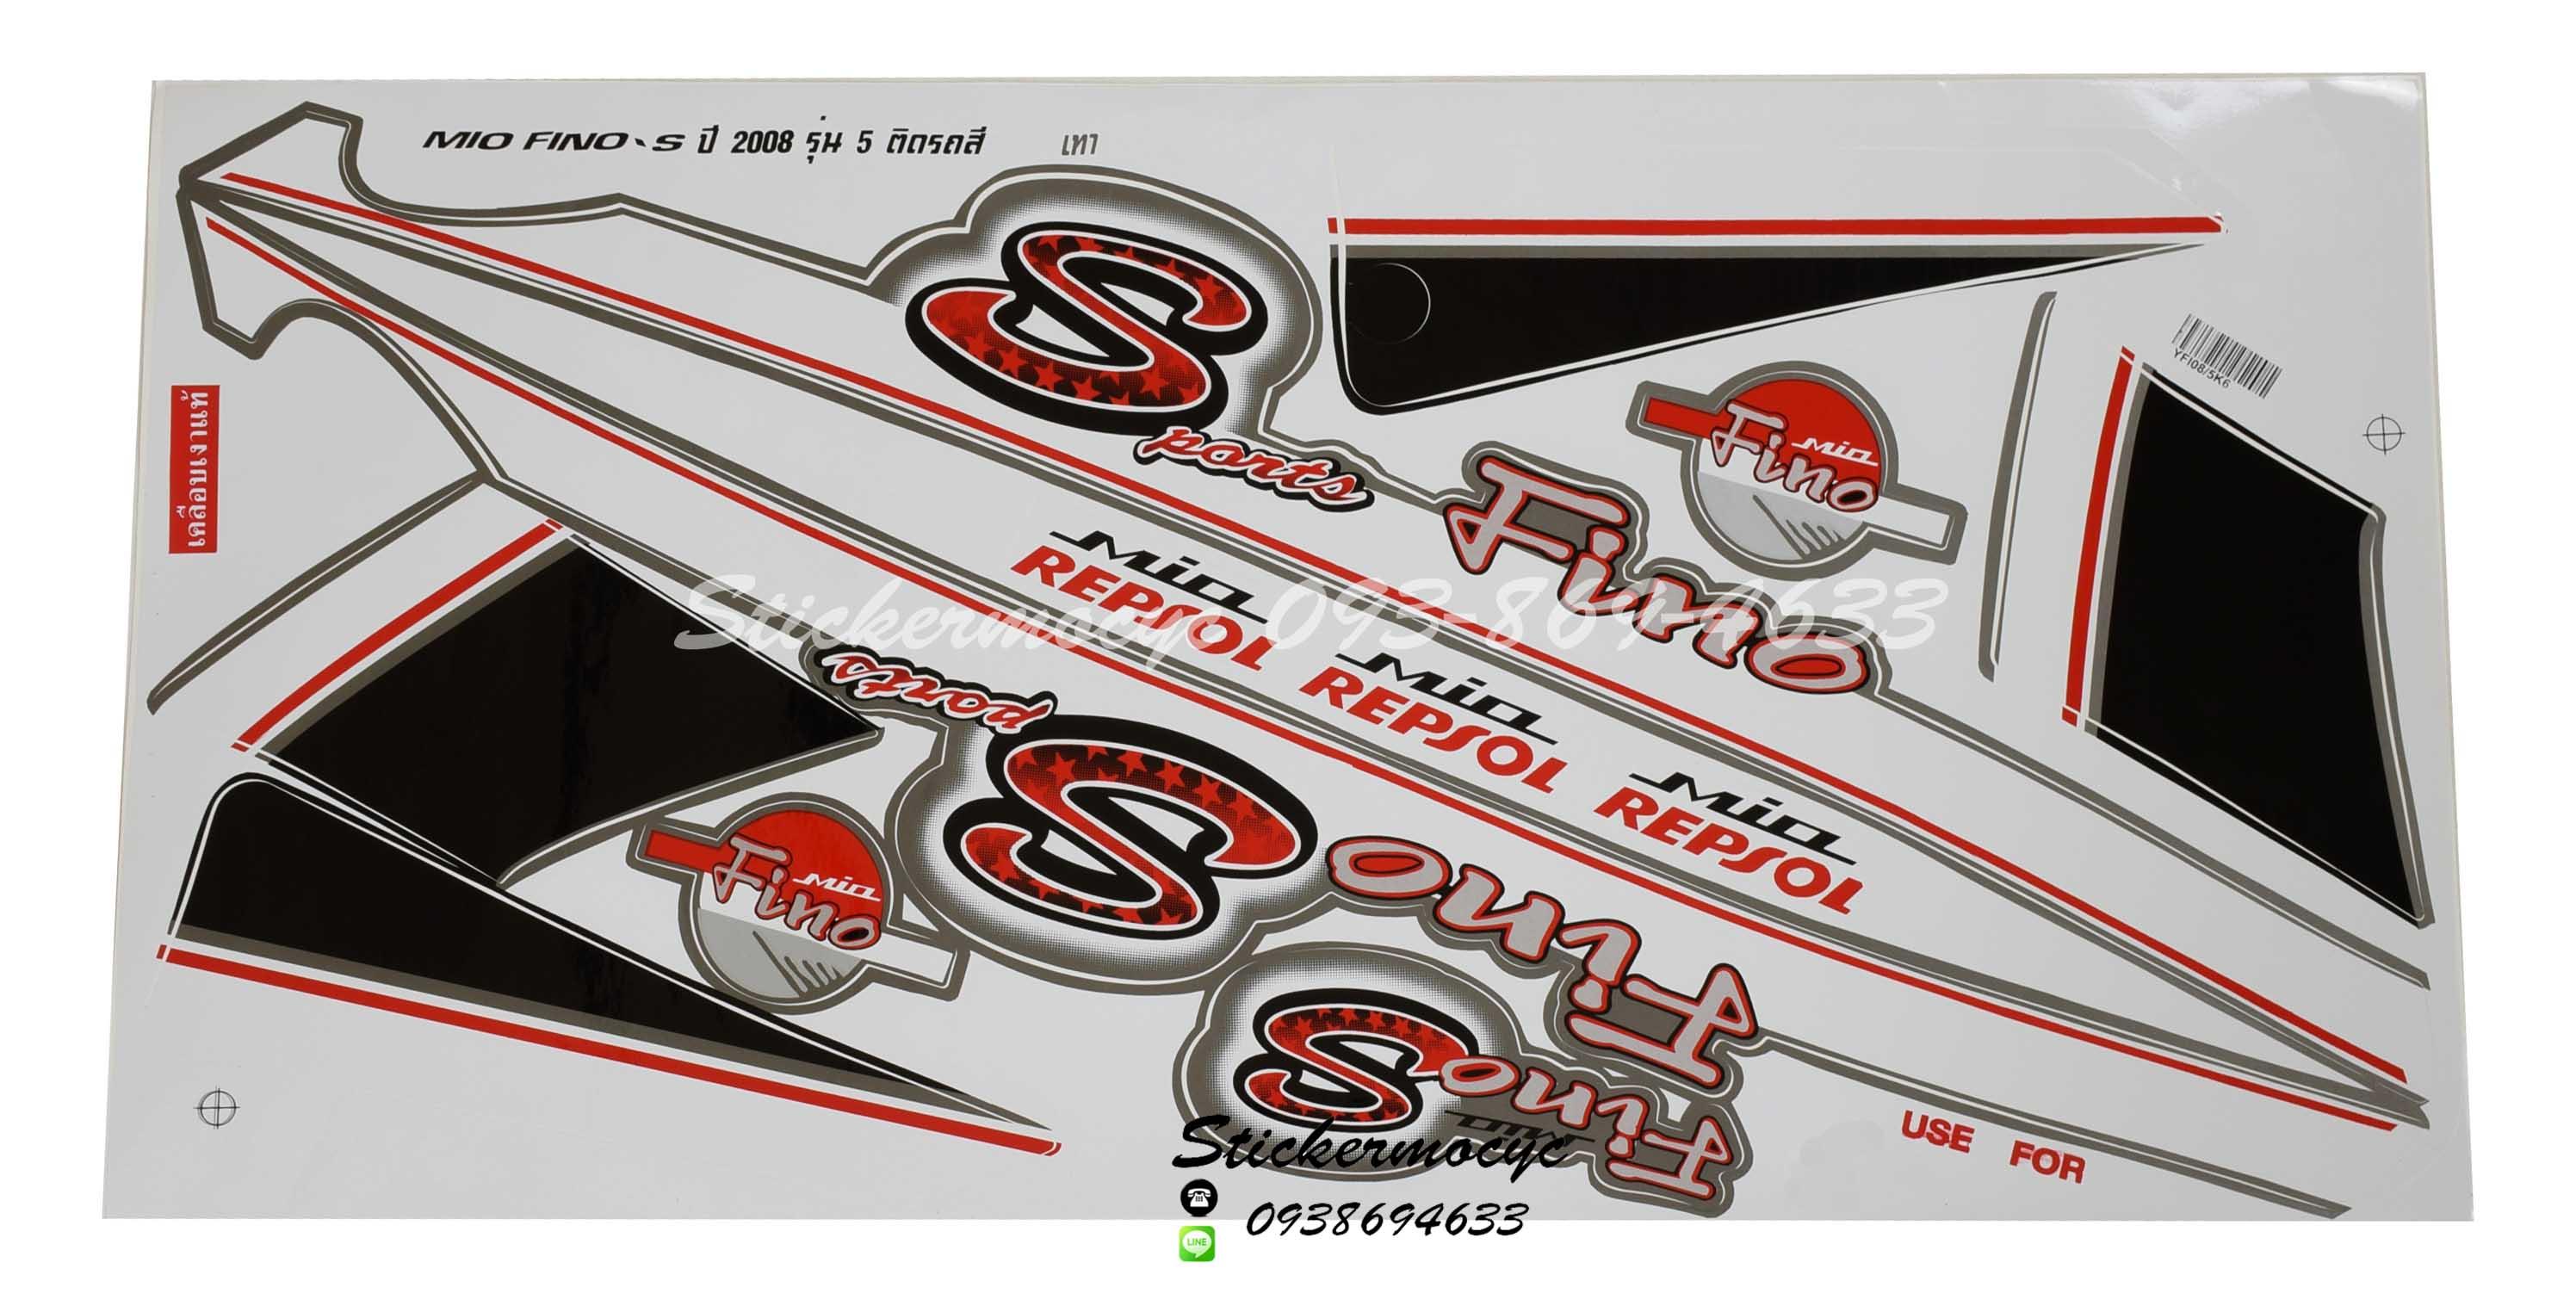 สติ๊กเกอร์ Yamaha Fino S ปี 2008 รุ่น 5 แต่ง Repsol ติดรถ สีเทา (เคลือบเงา)